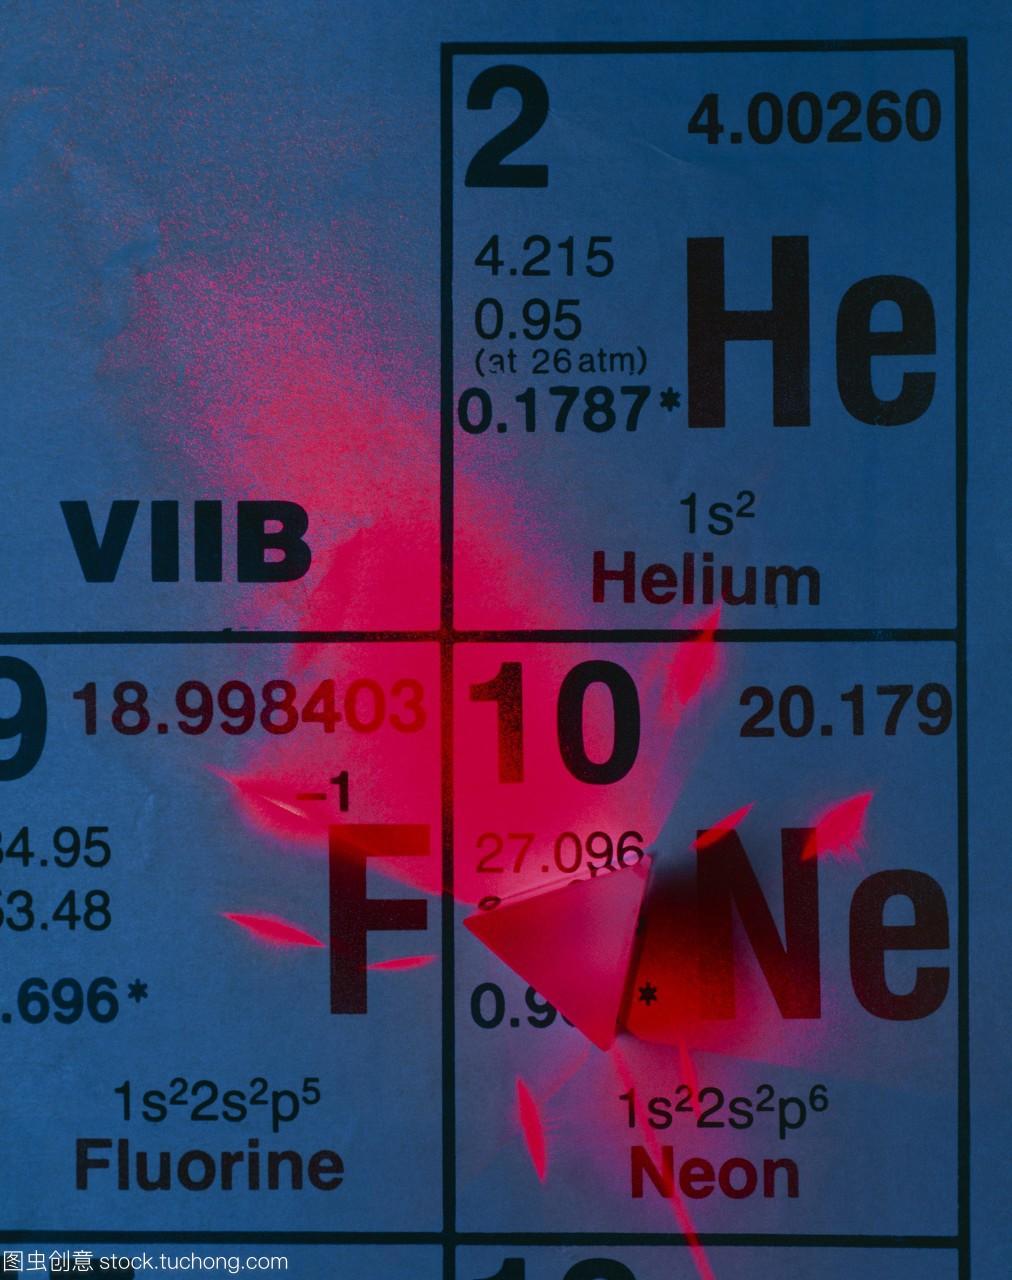 氦氖激光器的元素。原子元素氦和氖被看作是通